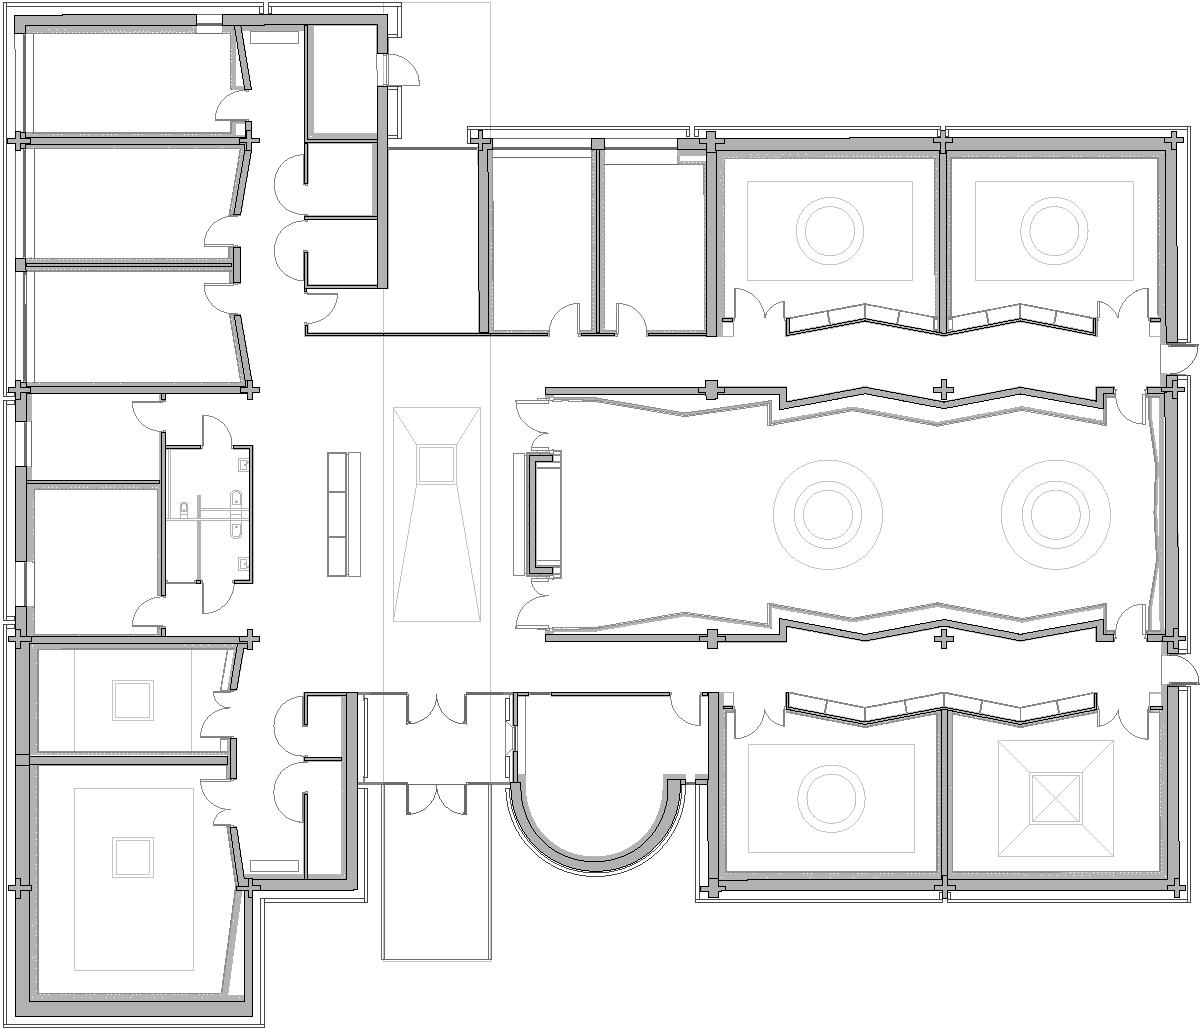 École de musique, Élancourt, France - Opus 5 architectes